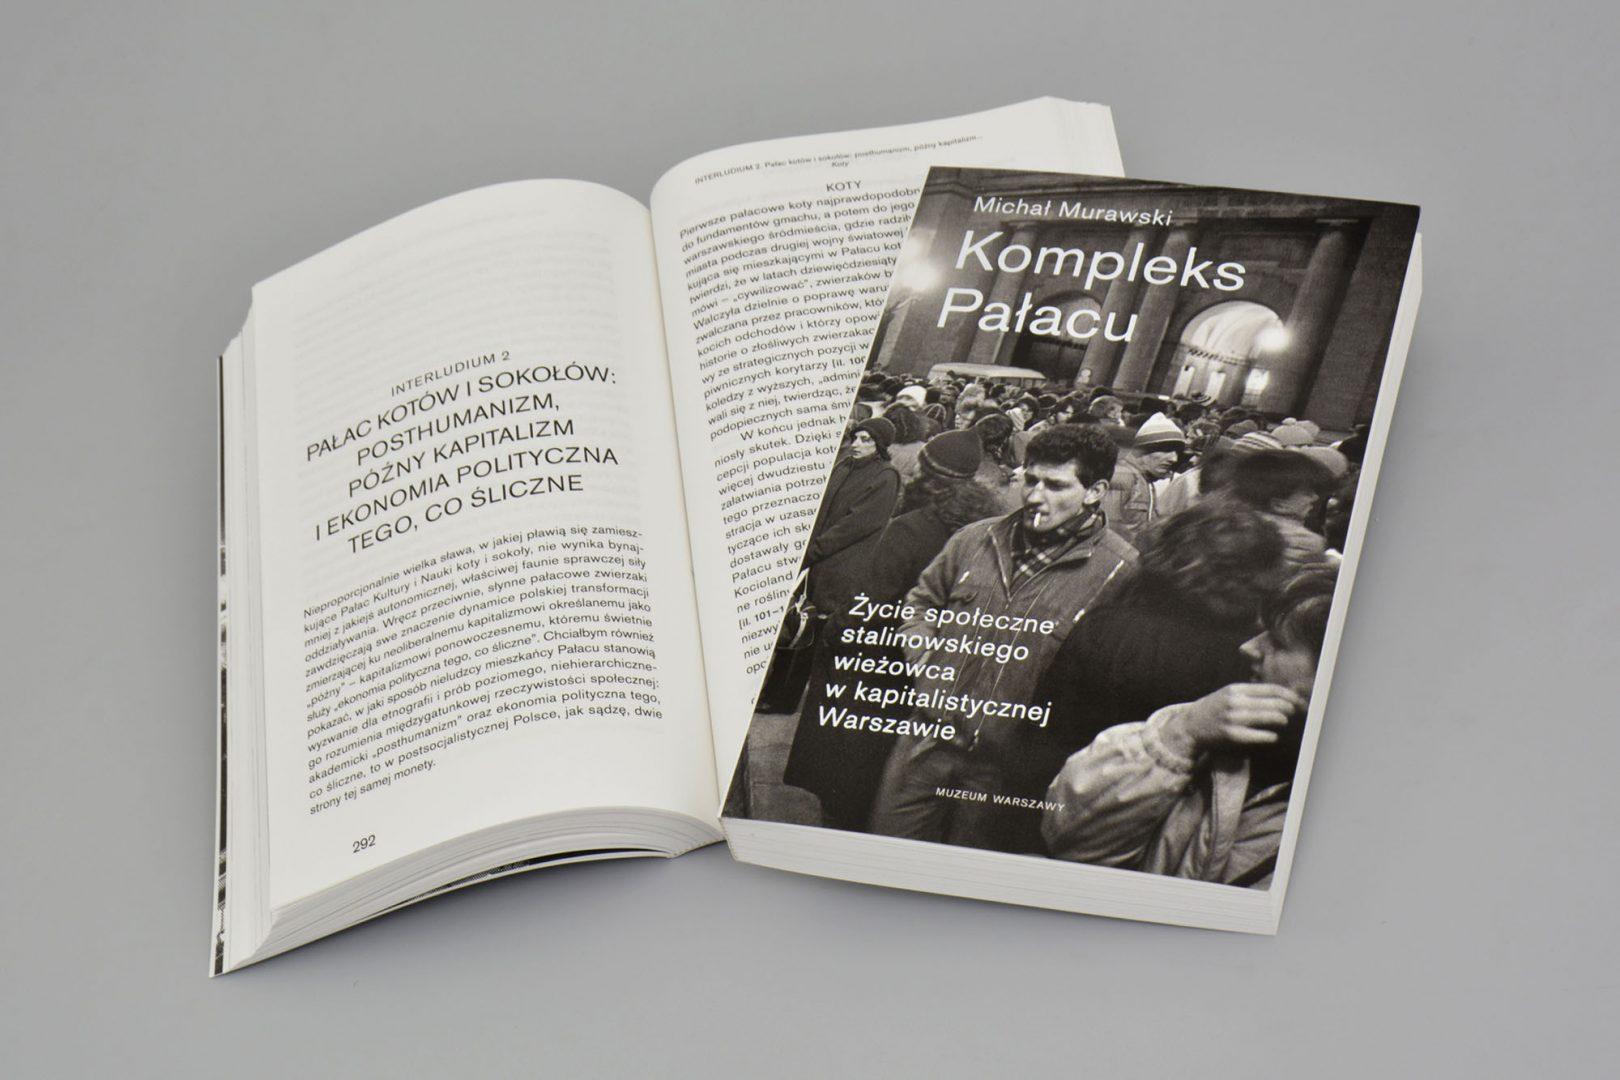 Kompleks Pałacu. Życie społeczne stalinowskiego wieżowca wkapitalistycznej Warszawie